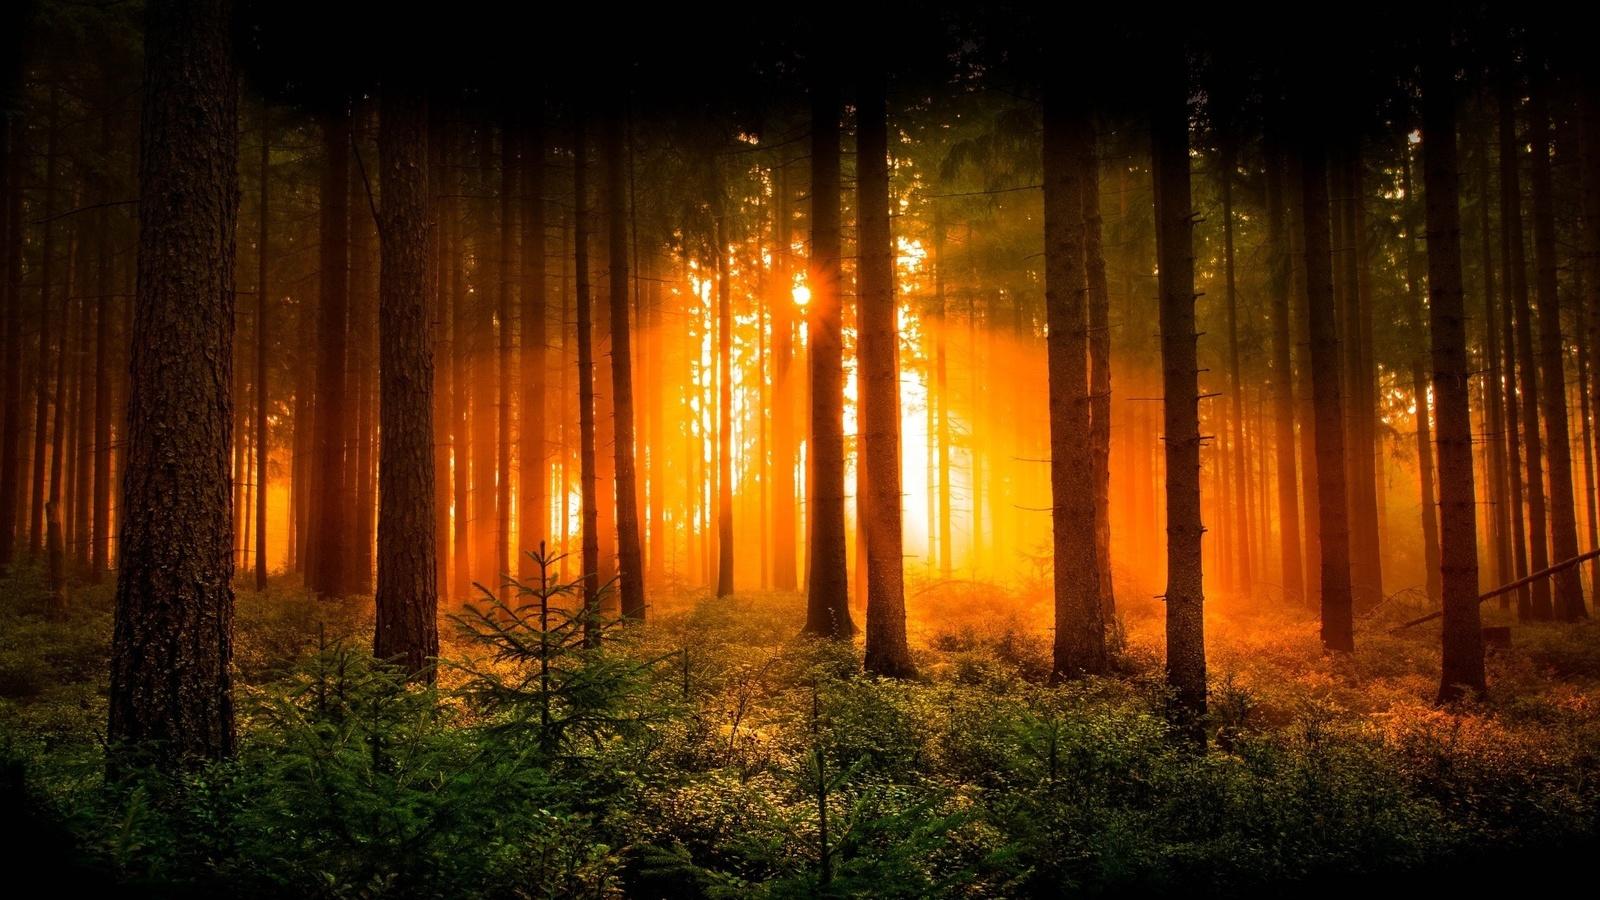 религиозная картинка красивого заката в лесу крупное